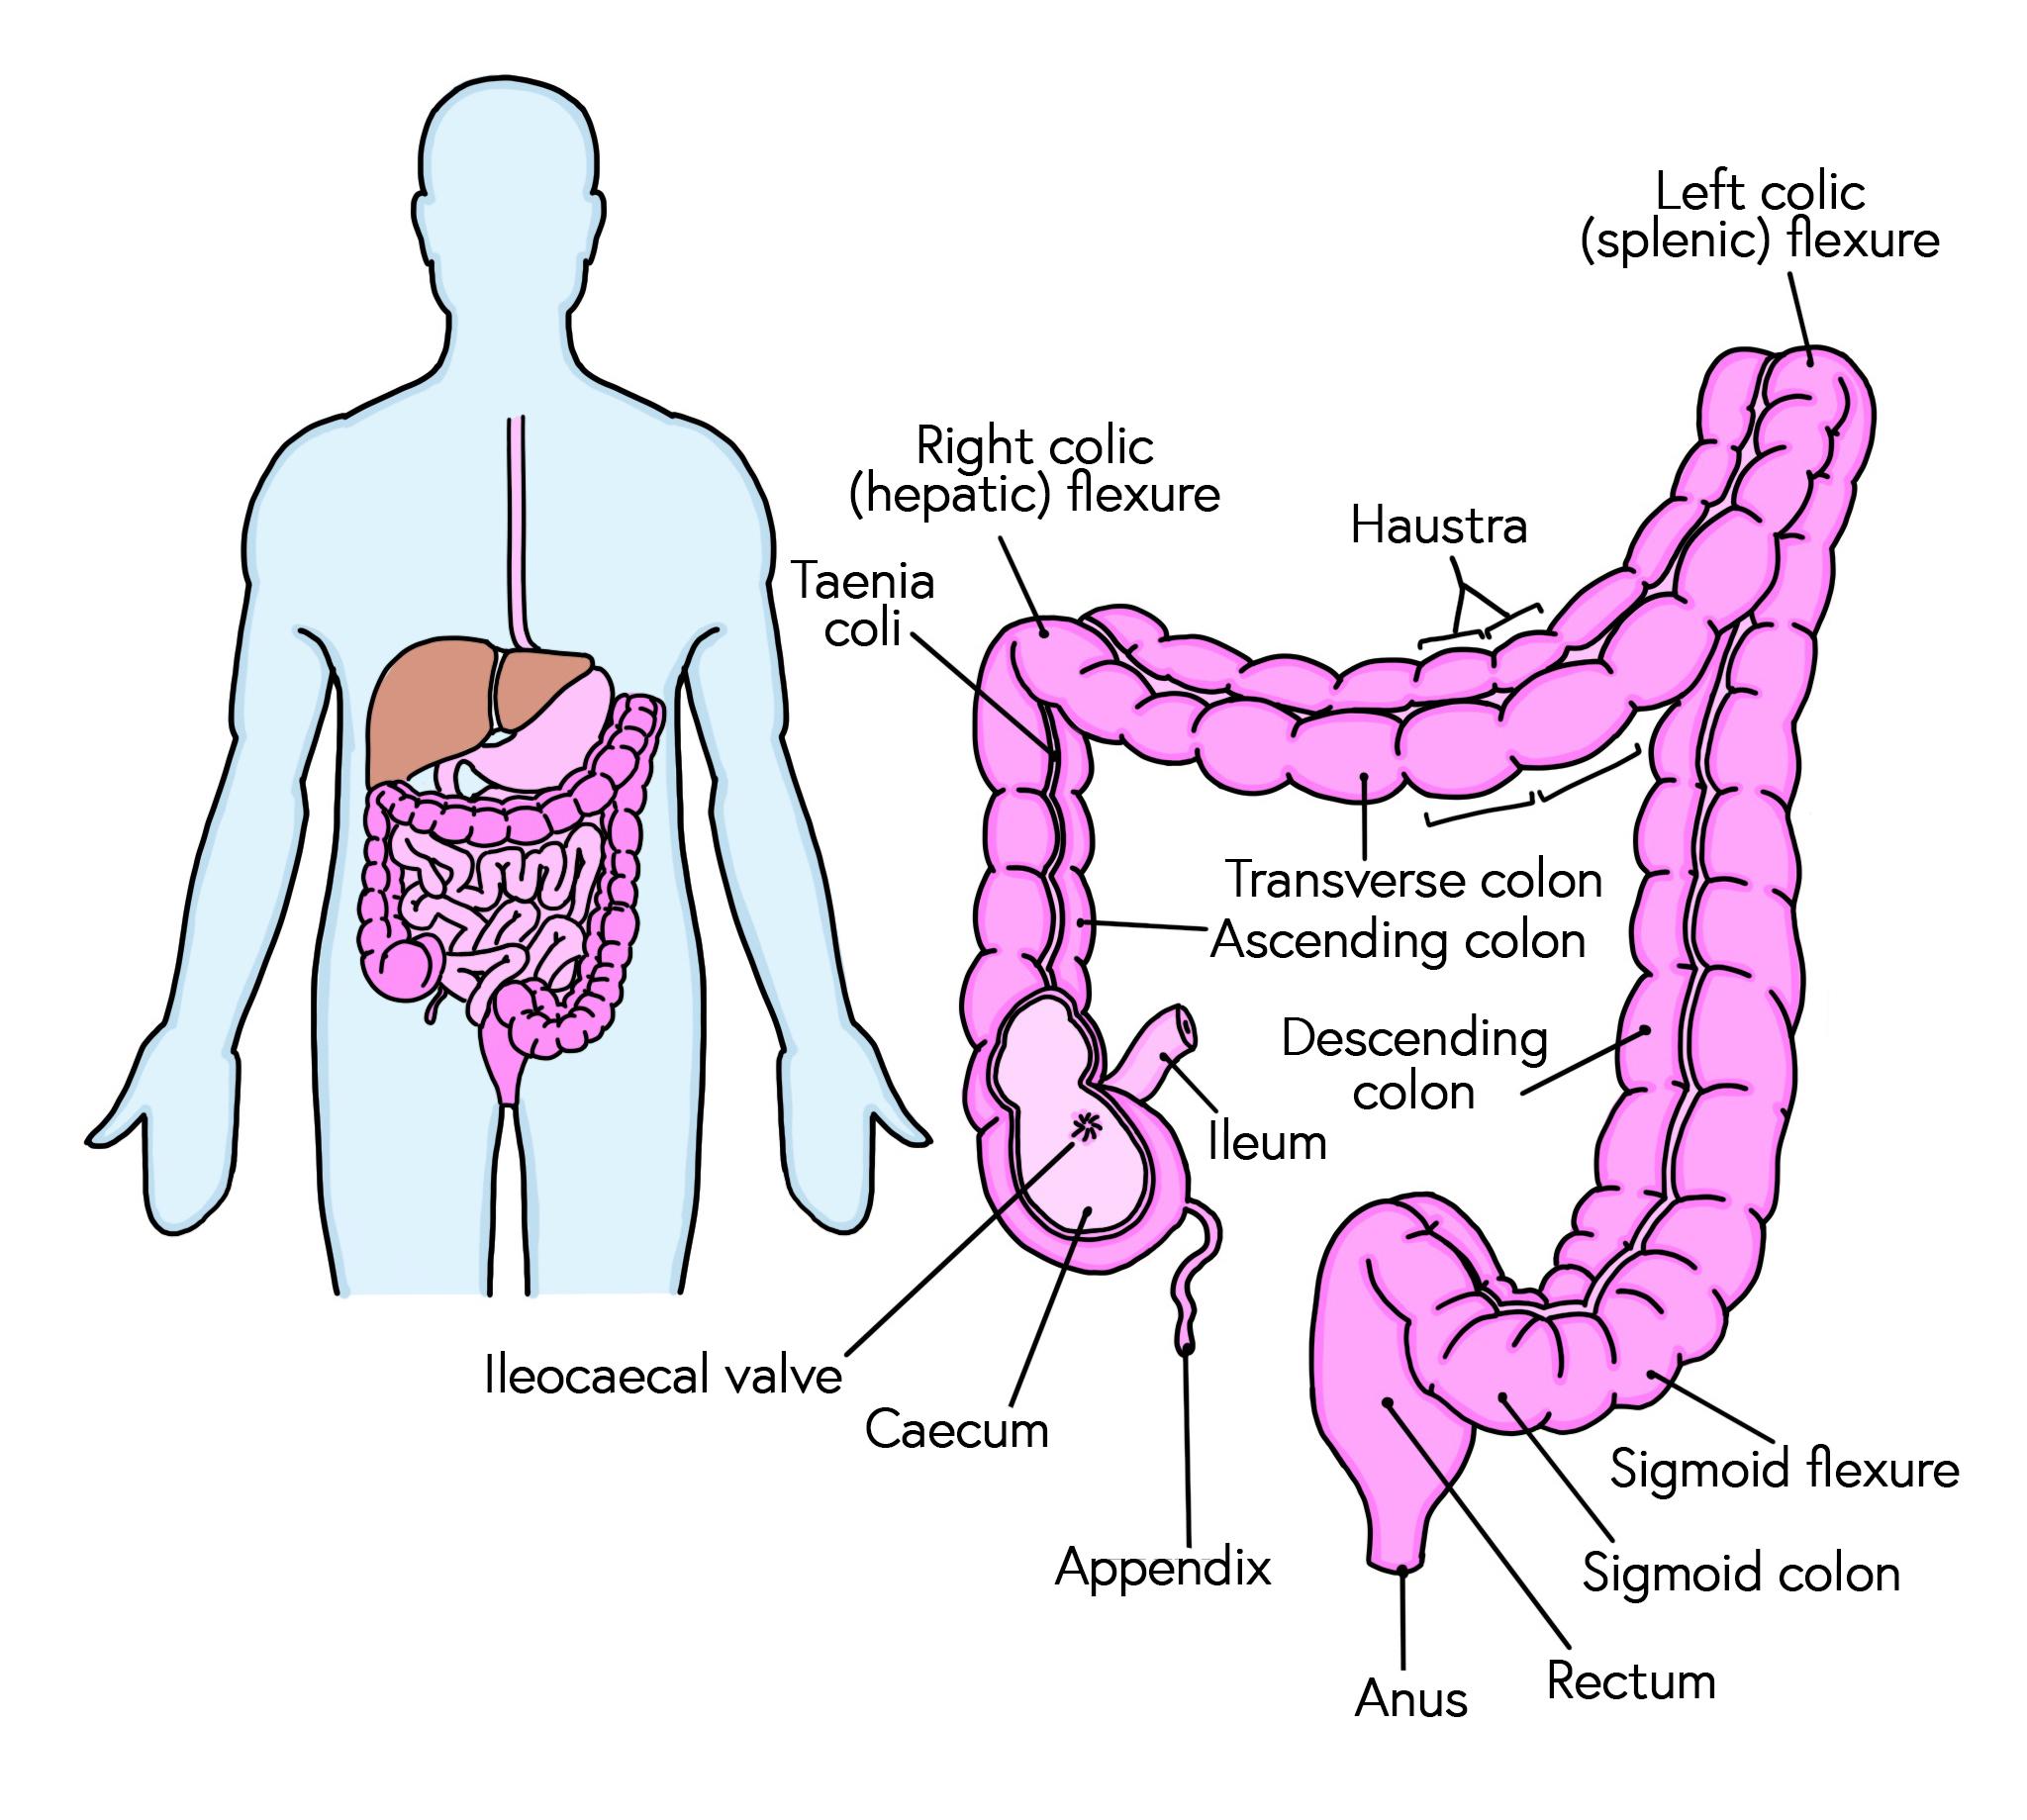 Anatomy of the large bowel